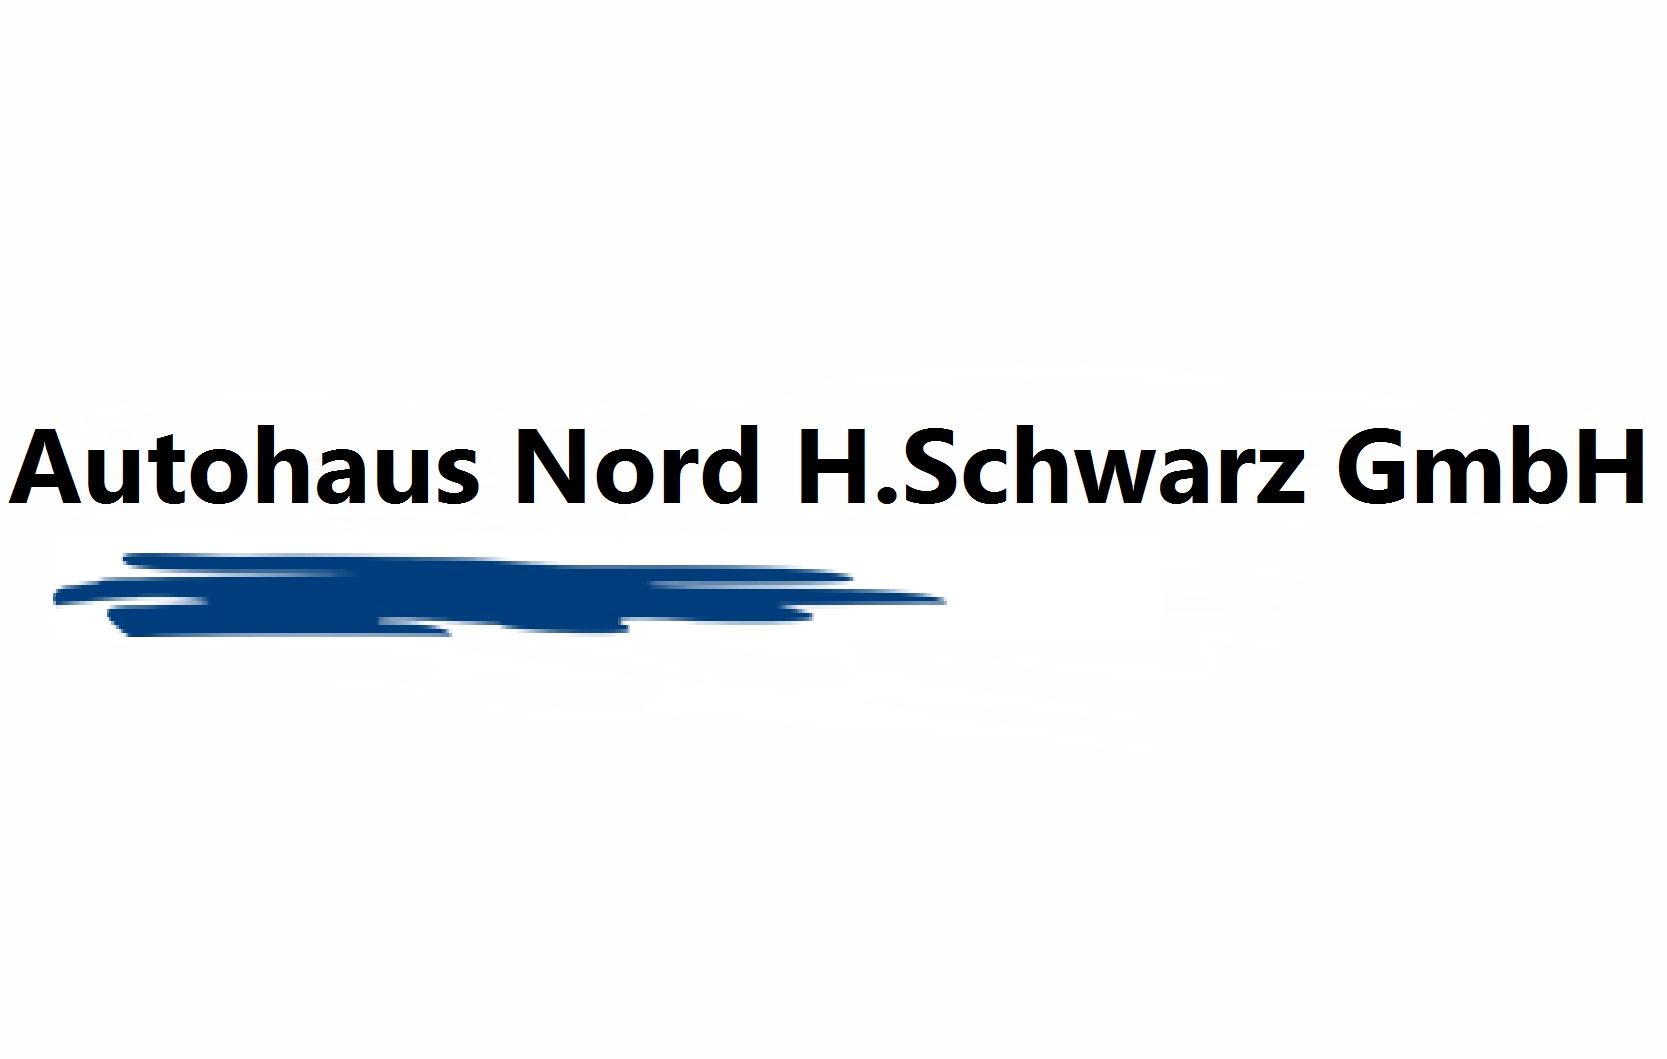 Autohaus Nord Hermann Schwarz GmbH